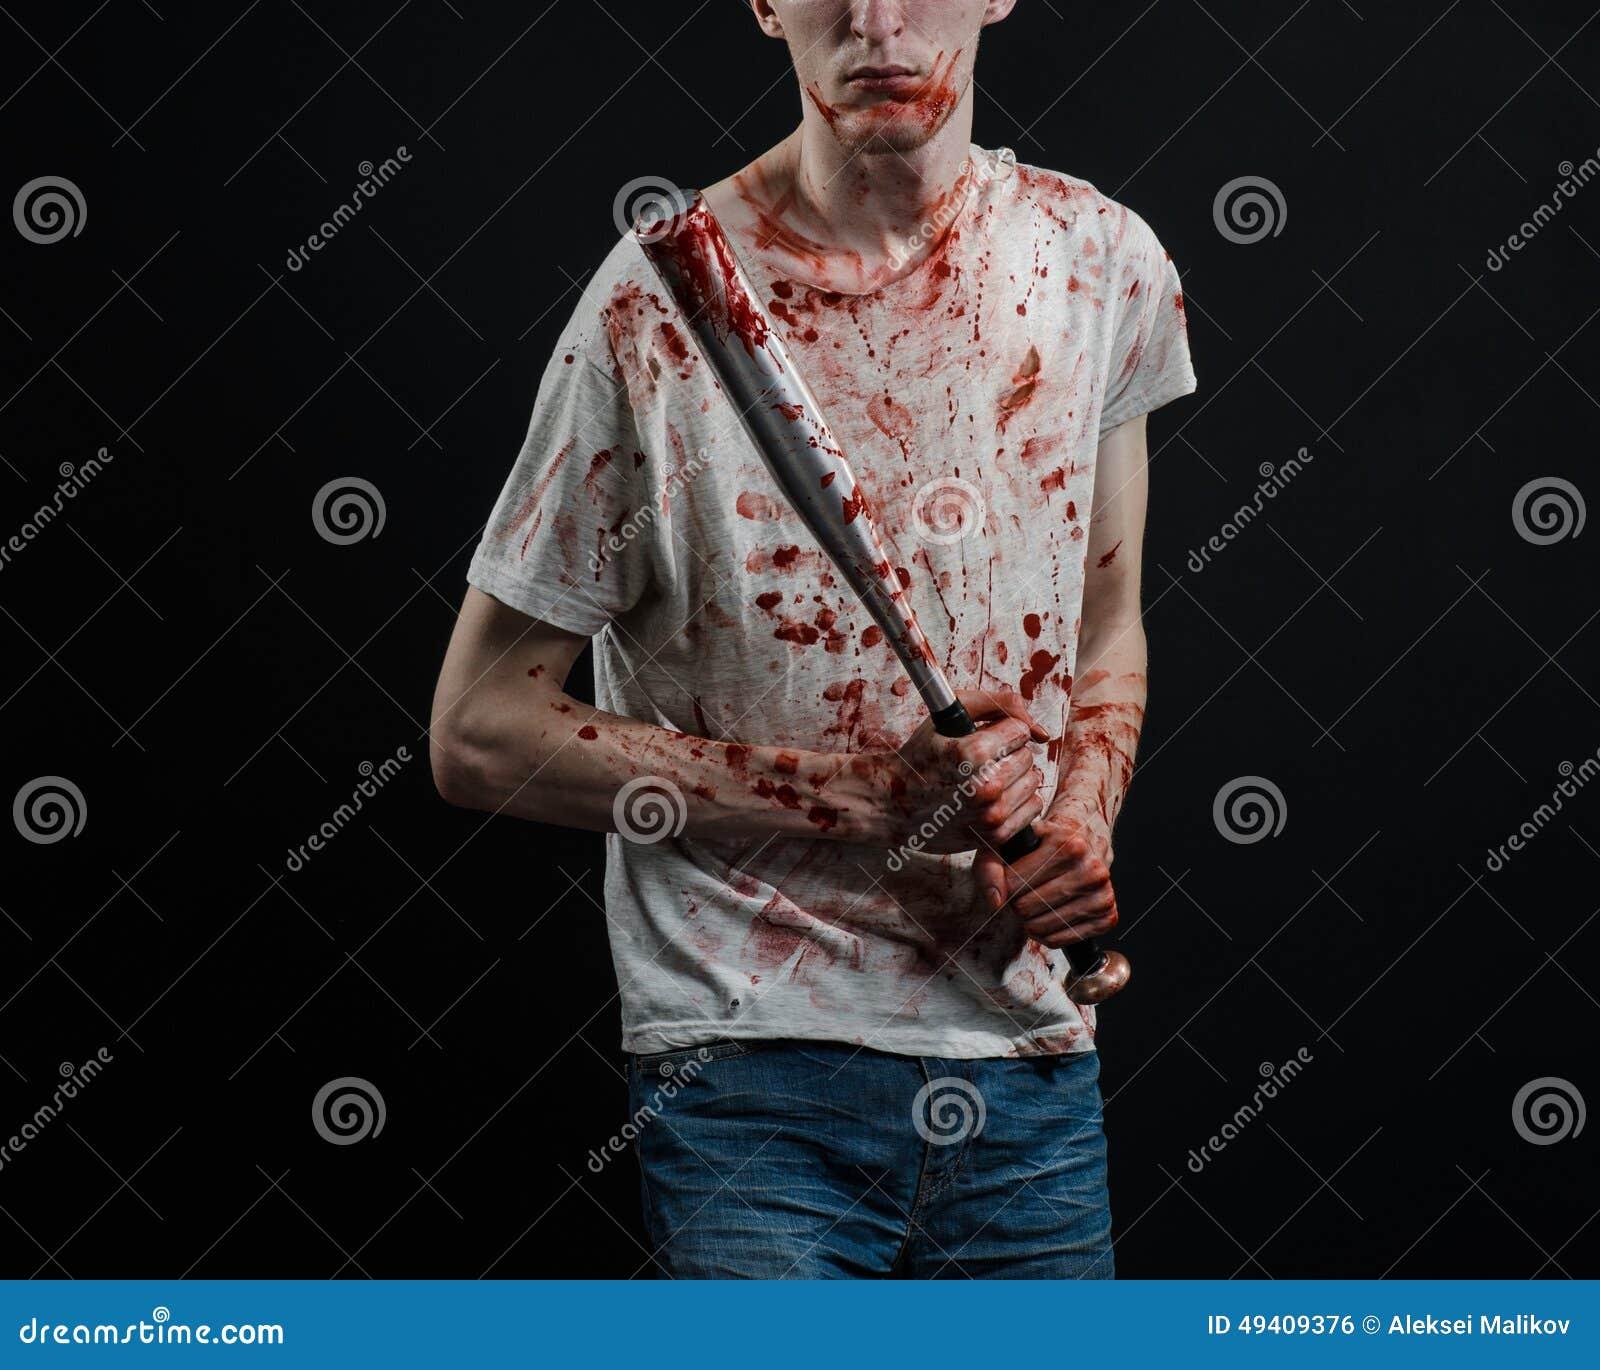 Download Blutiges Thema: Der Kerl In Einem Blutigen T-Shirt, Das Einen Blutigen Schläger Auf Einem Schwarzen Hintergrund Hält Stockfoto - Bild von kriminell, verbrechen: 49409376